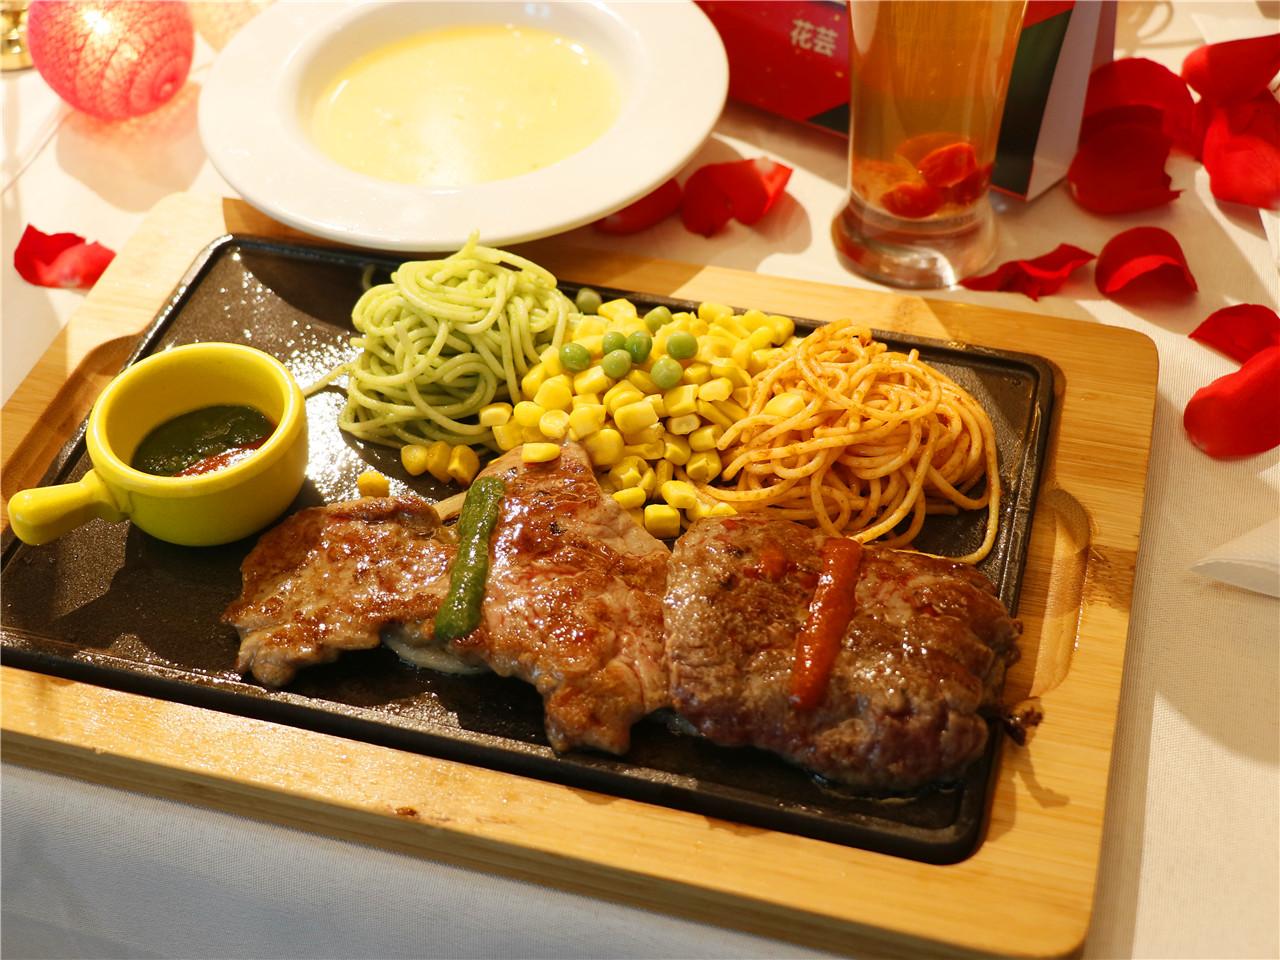 火锅底料成年货之王,双椒美味的魔力双椒牛排成为牛排首选